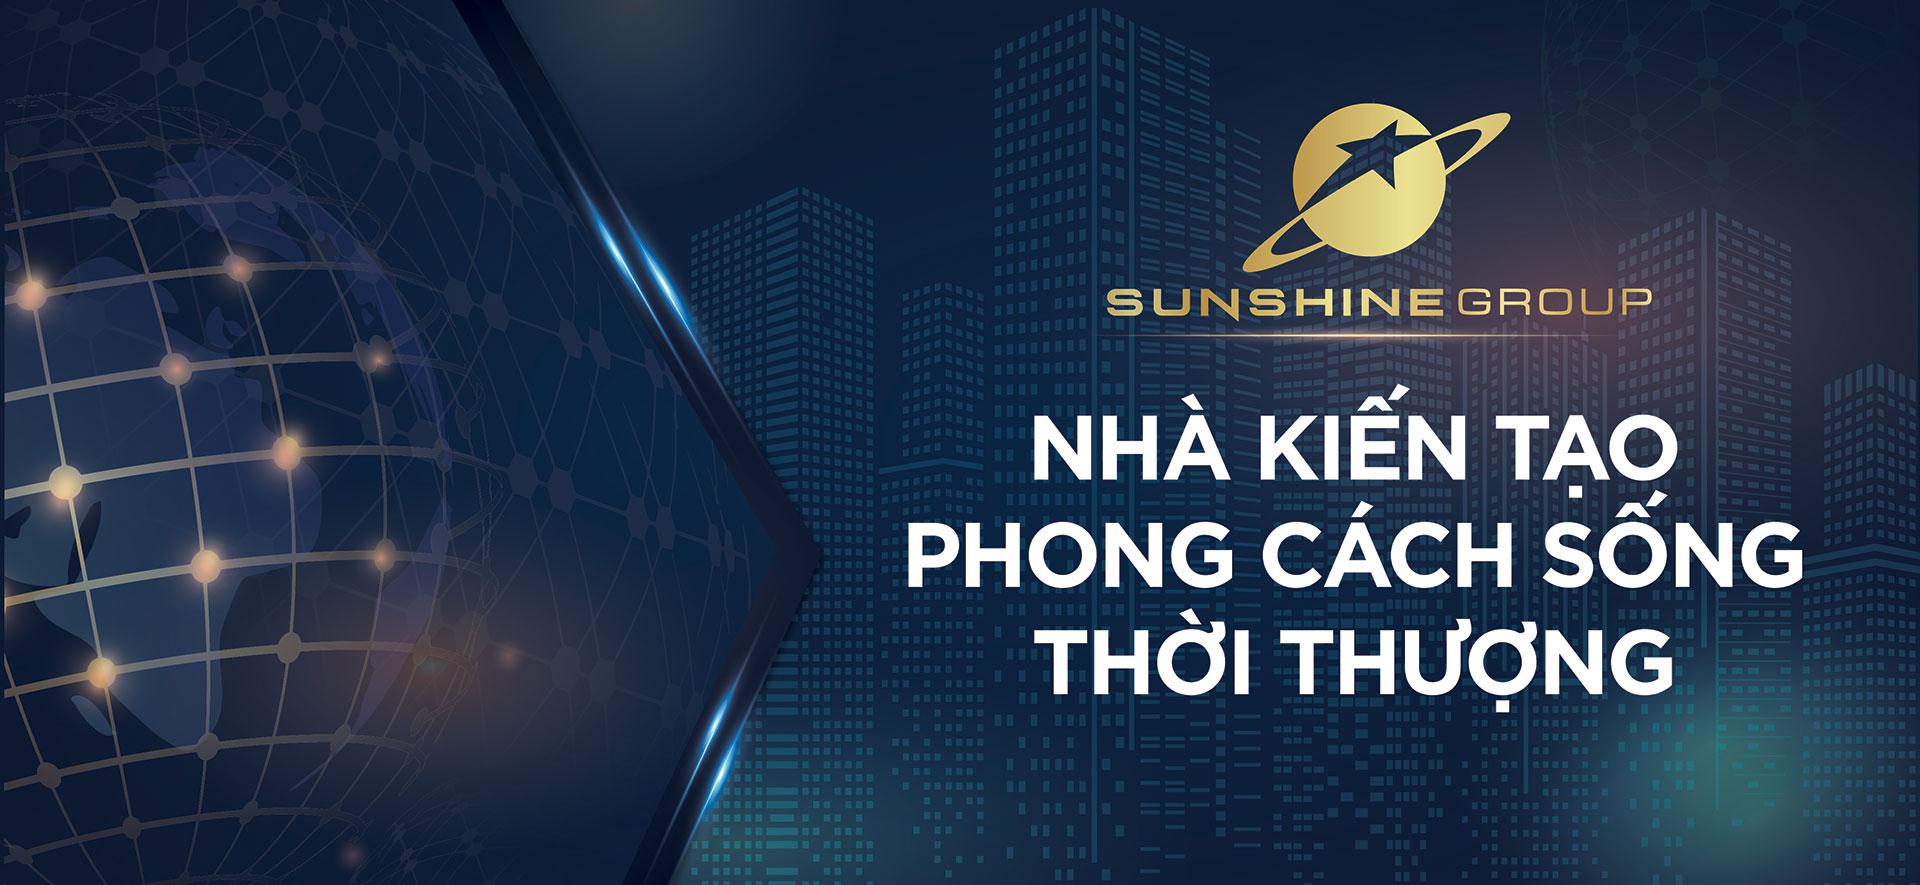 Có nên chọn các căn hộ Sunshine Group làm nơi an cư không?